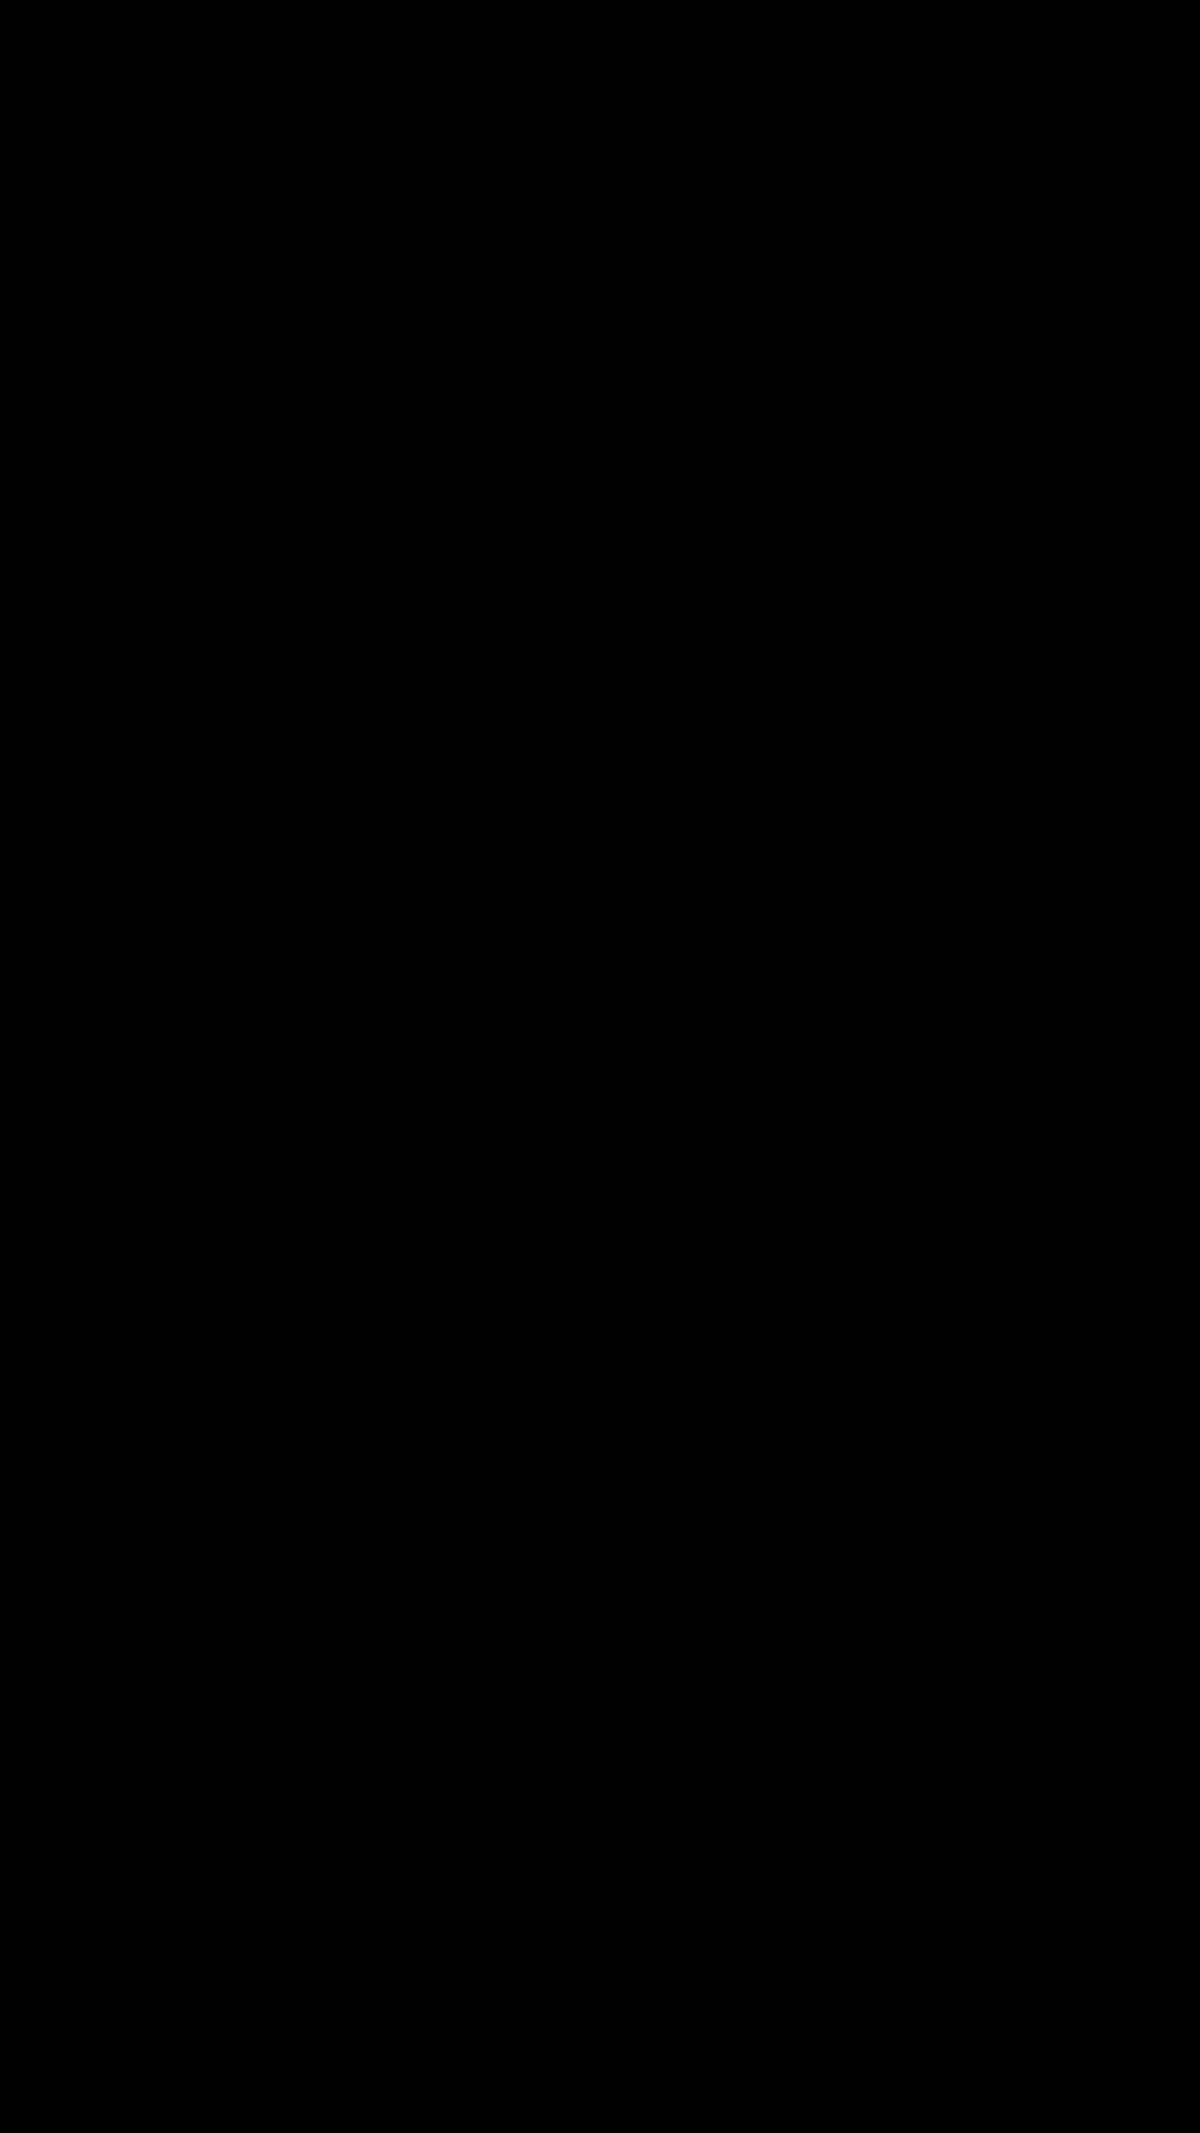 """U Skoplju održana ceremonija polaganja svečane zakletve studenata-pitomaca u akademskoj 2017/18 godini i svečane promocije u prvi oficirski čin 17-te klase studenata- pitomaca Vojne akademije Republike Makedonije """"General Mihailo Apostolski"""""""